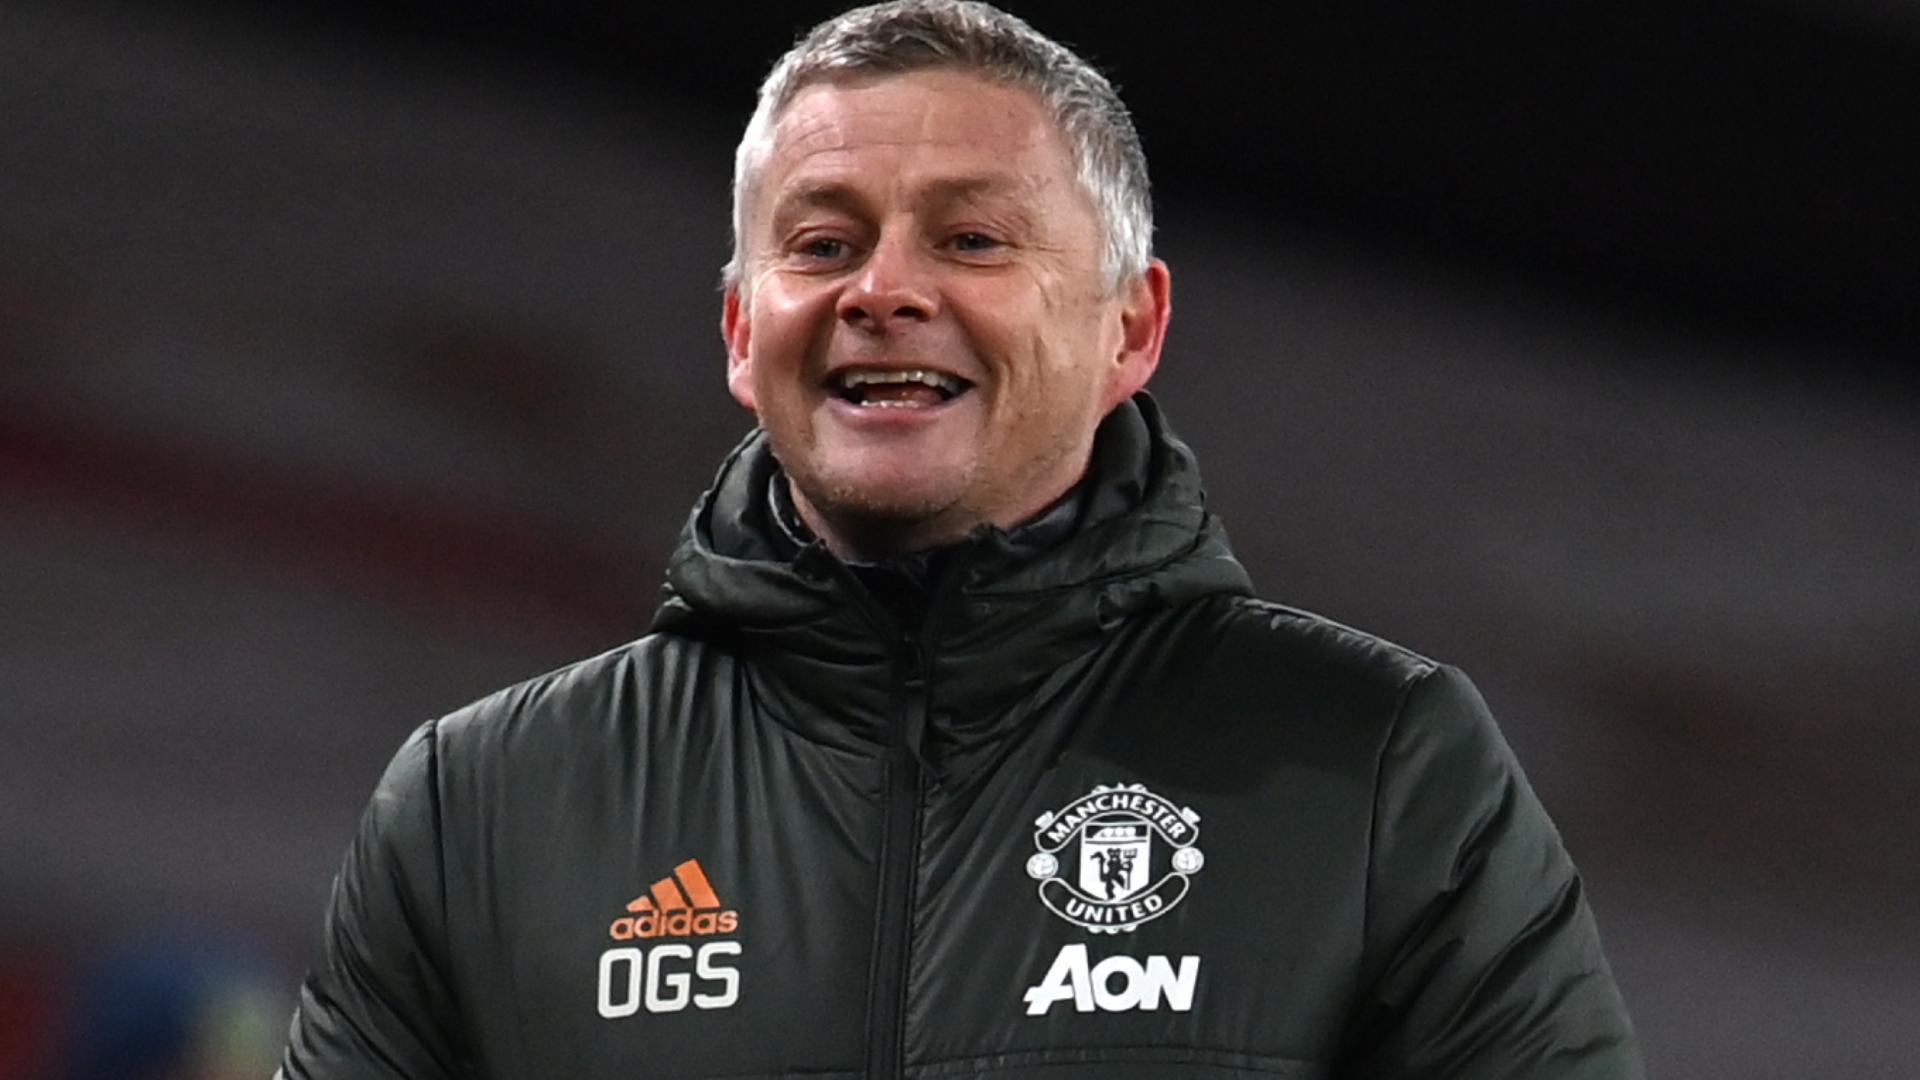 Man Utd secure top-four Premier League finish after Everton beat West Ham